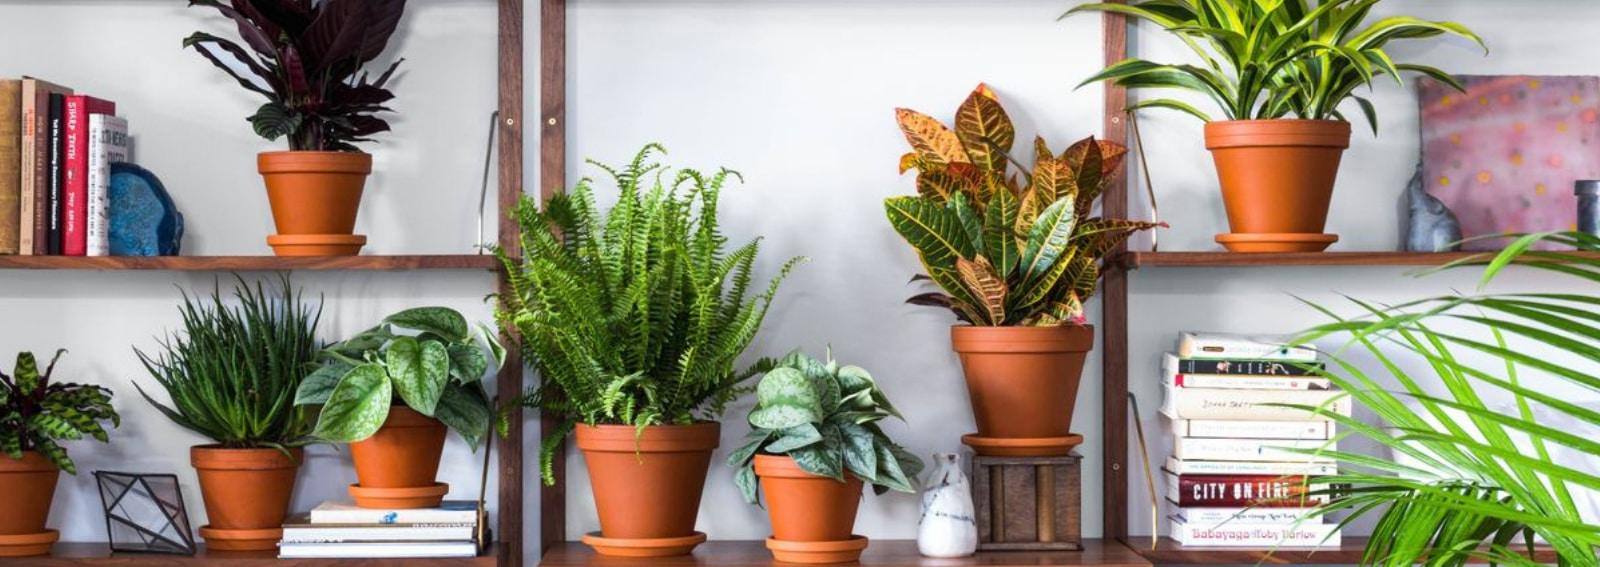 Piante Eleganti Da Appartamento piante da appartamento: le 8 preferite dai designer per